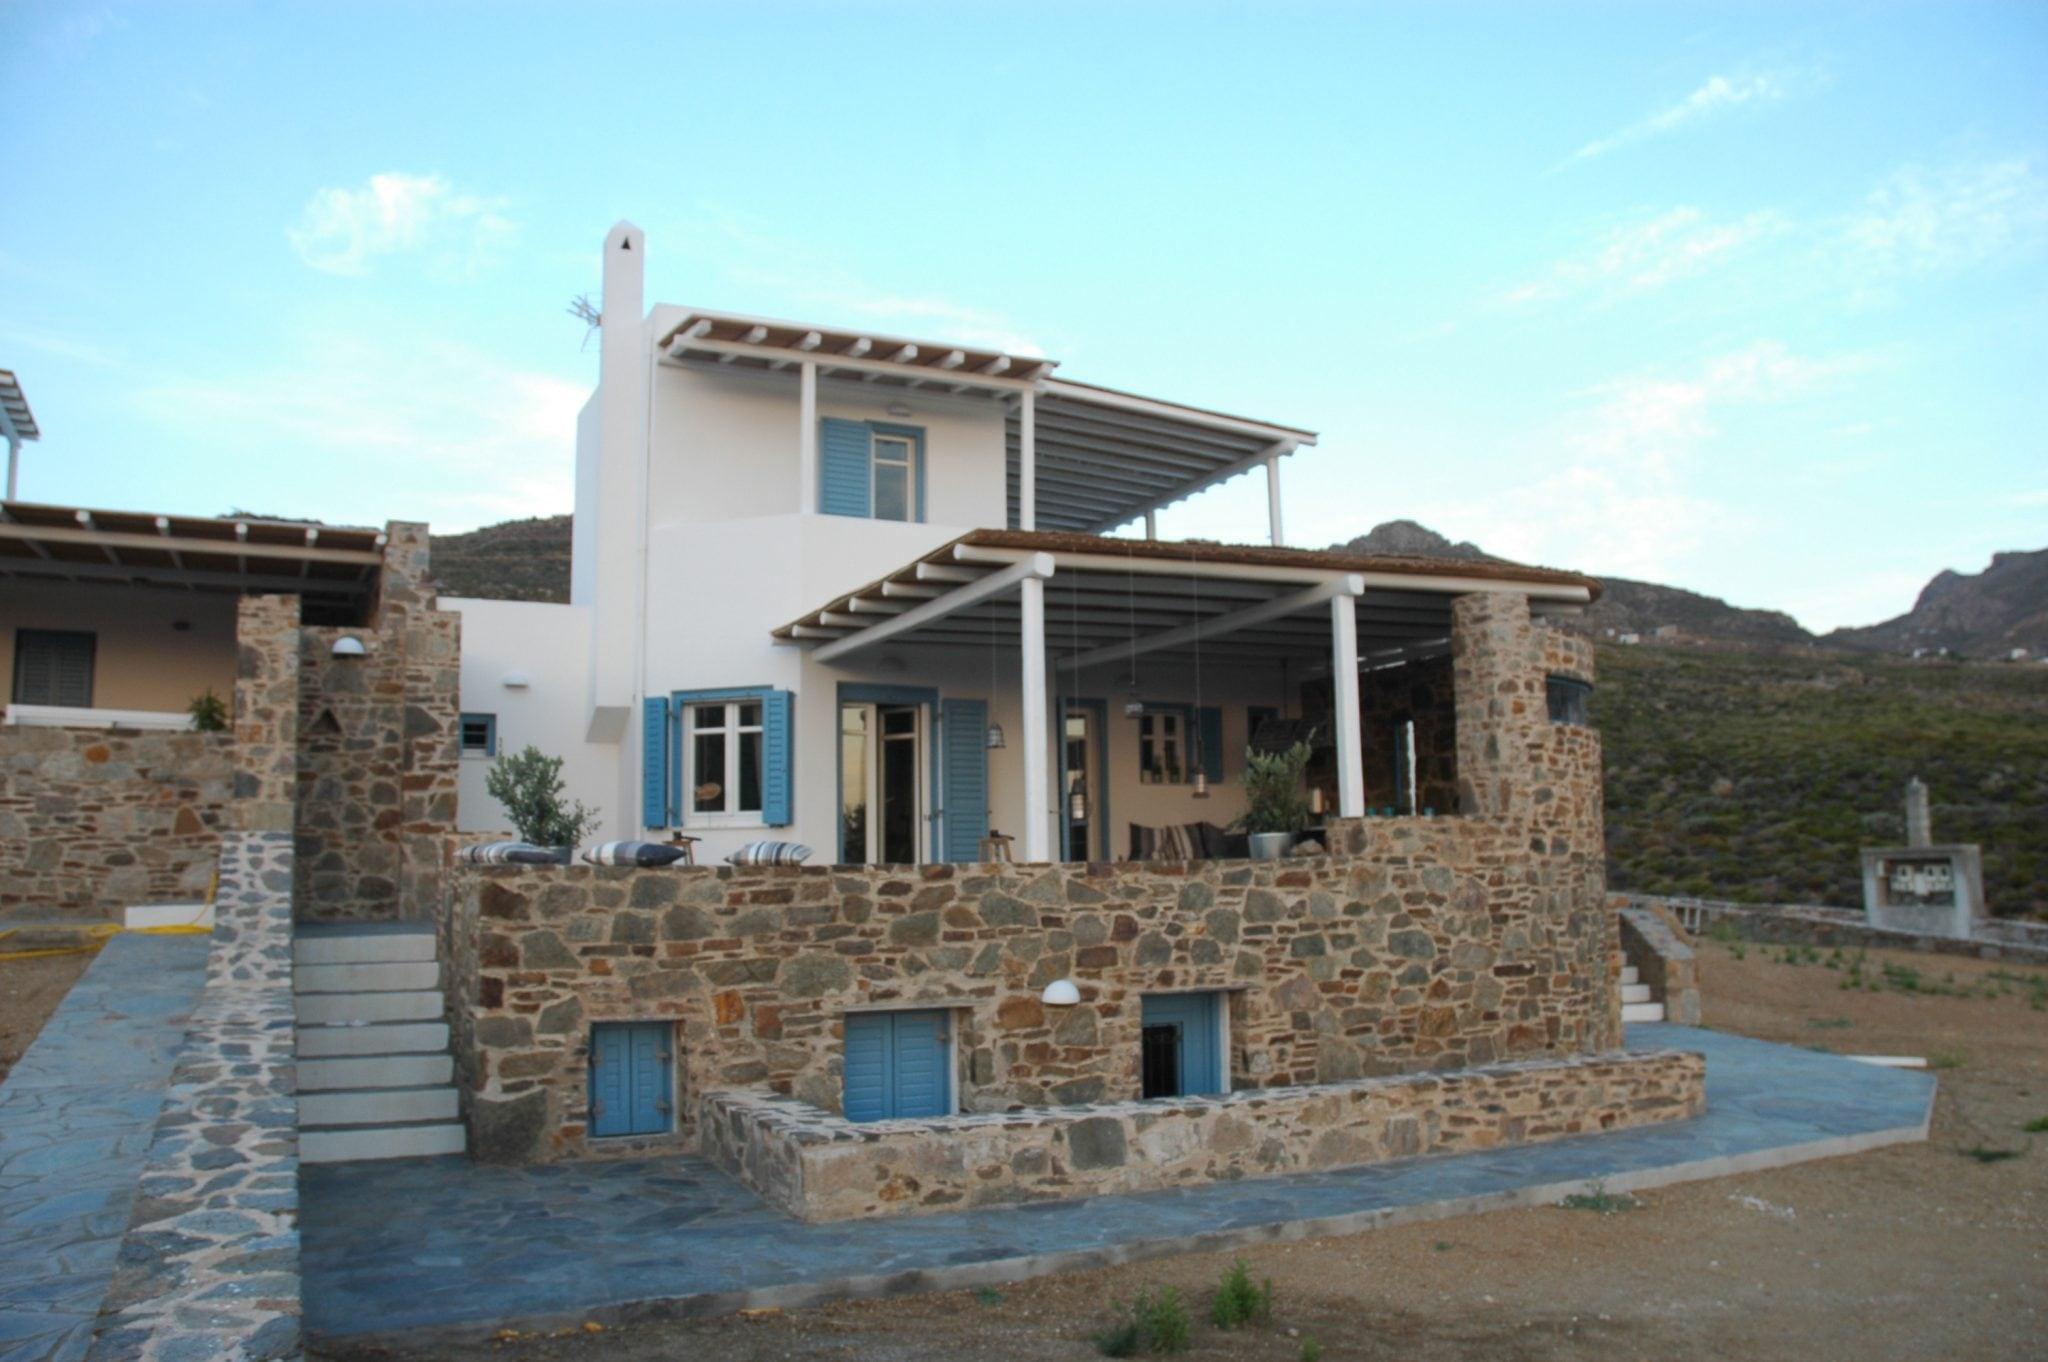 Maison, Serifos - Ref GR-4222-S